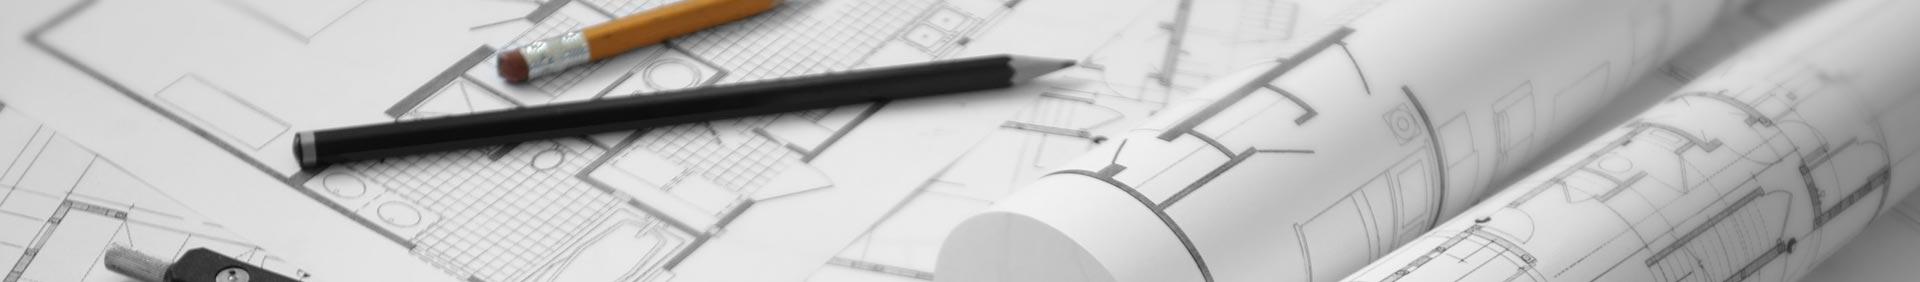 Planung - Konstruktion - Umsetzung